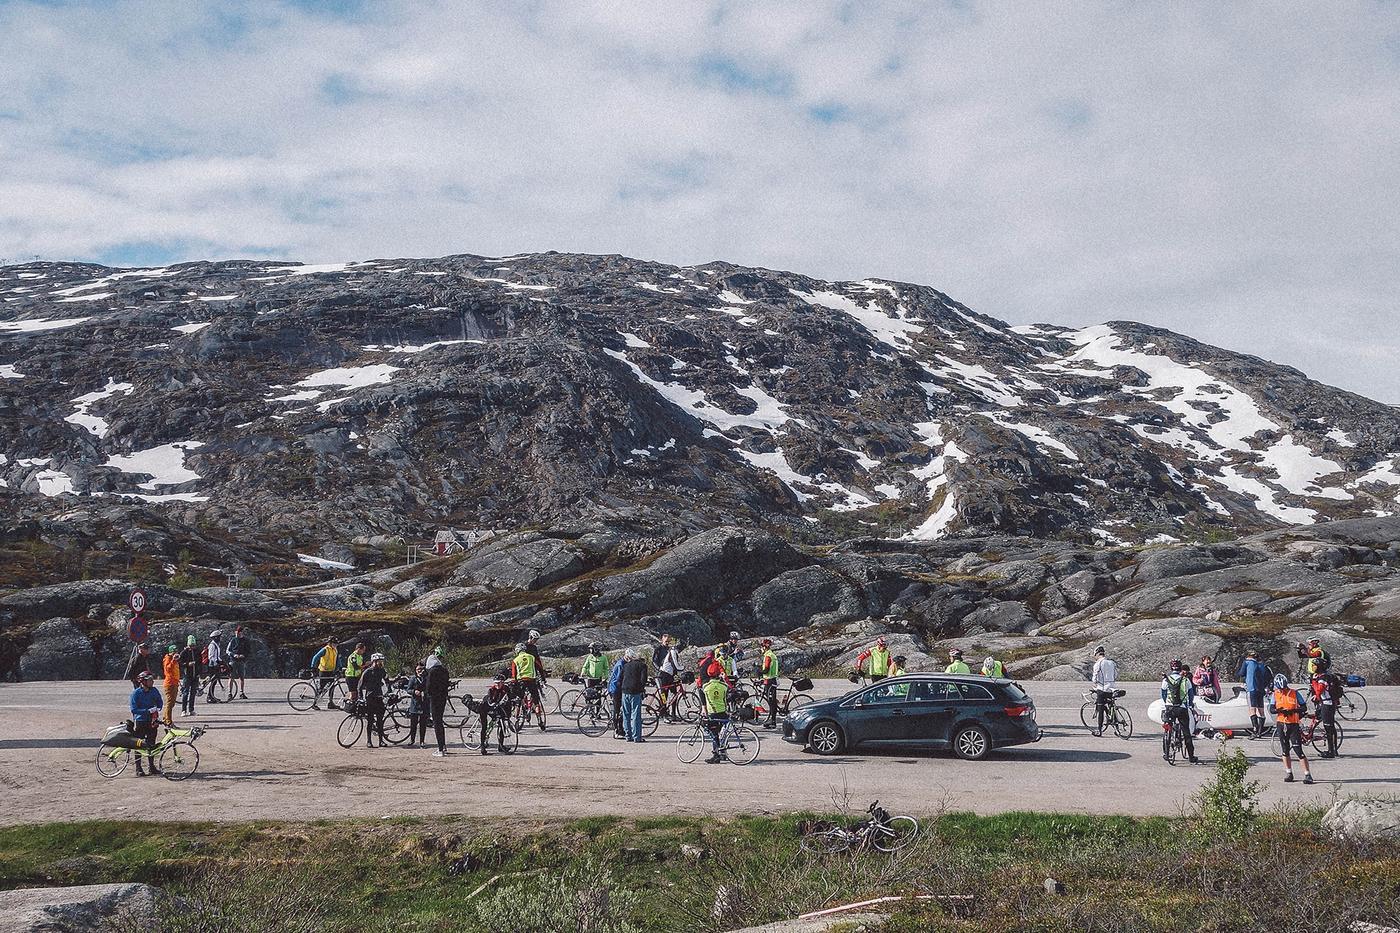 At the start in Riksgränsen.